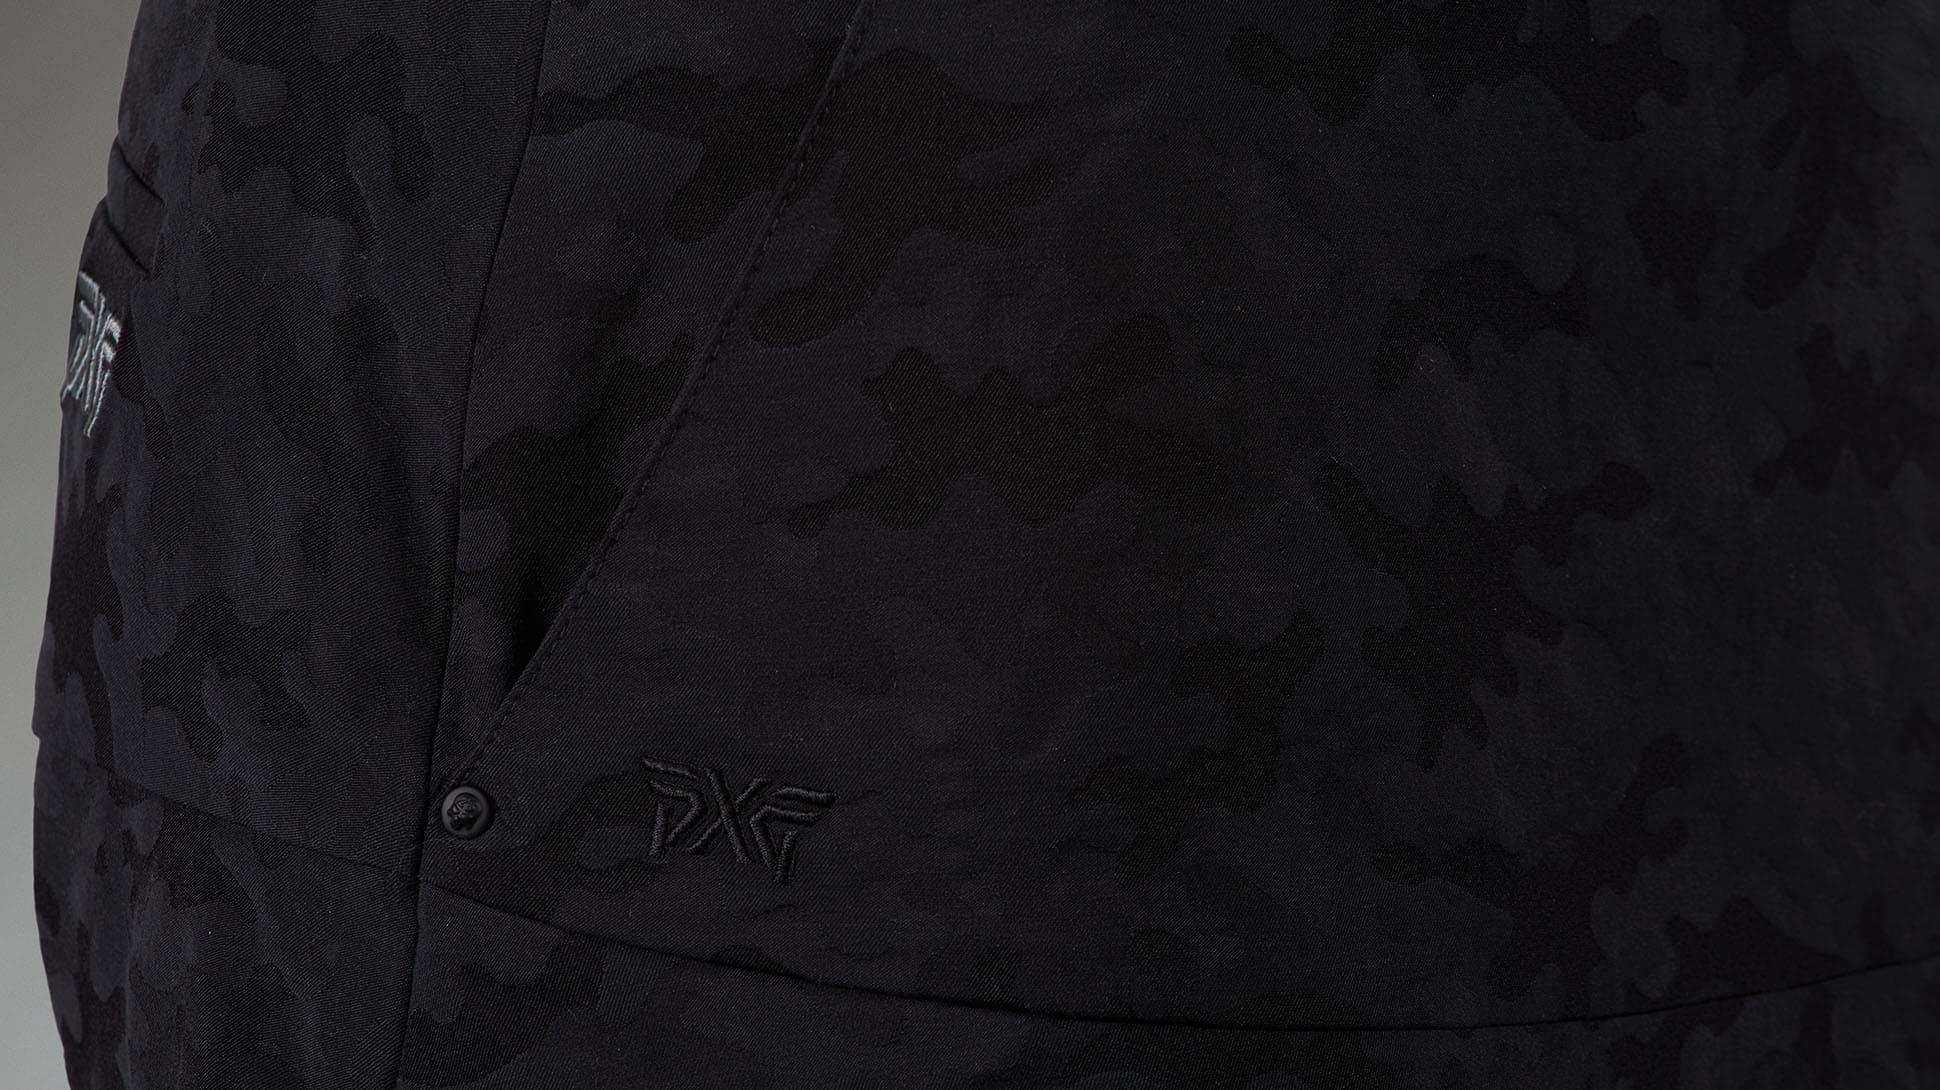 Darkness Skirt Image 5